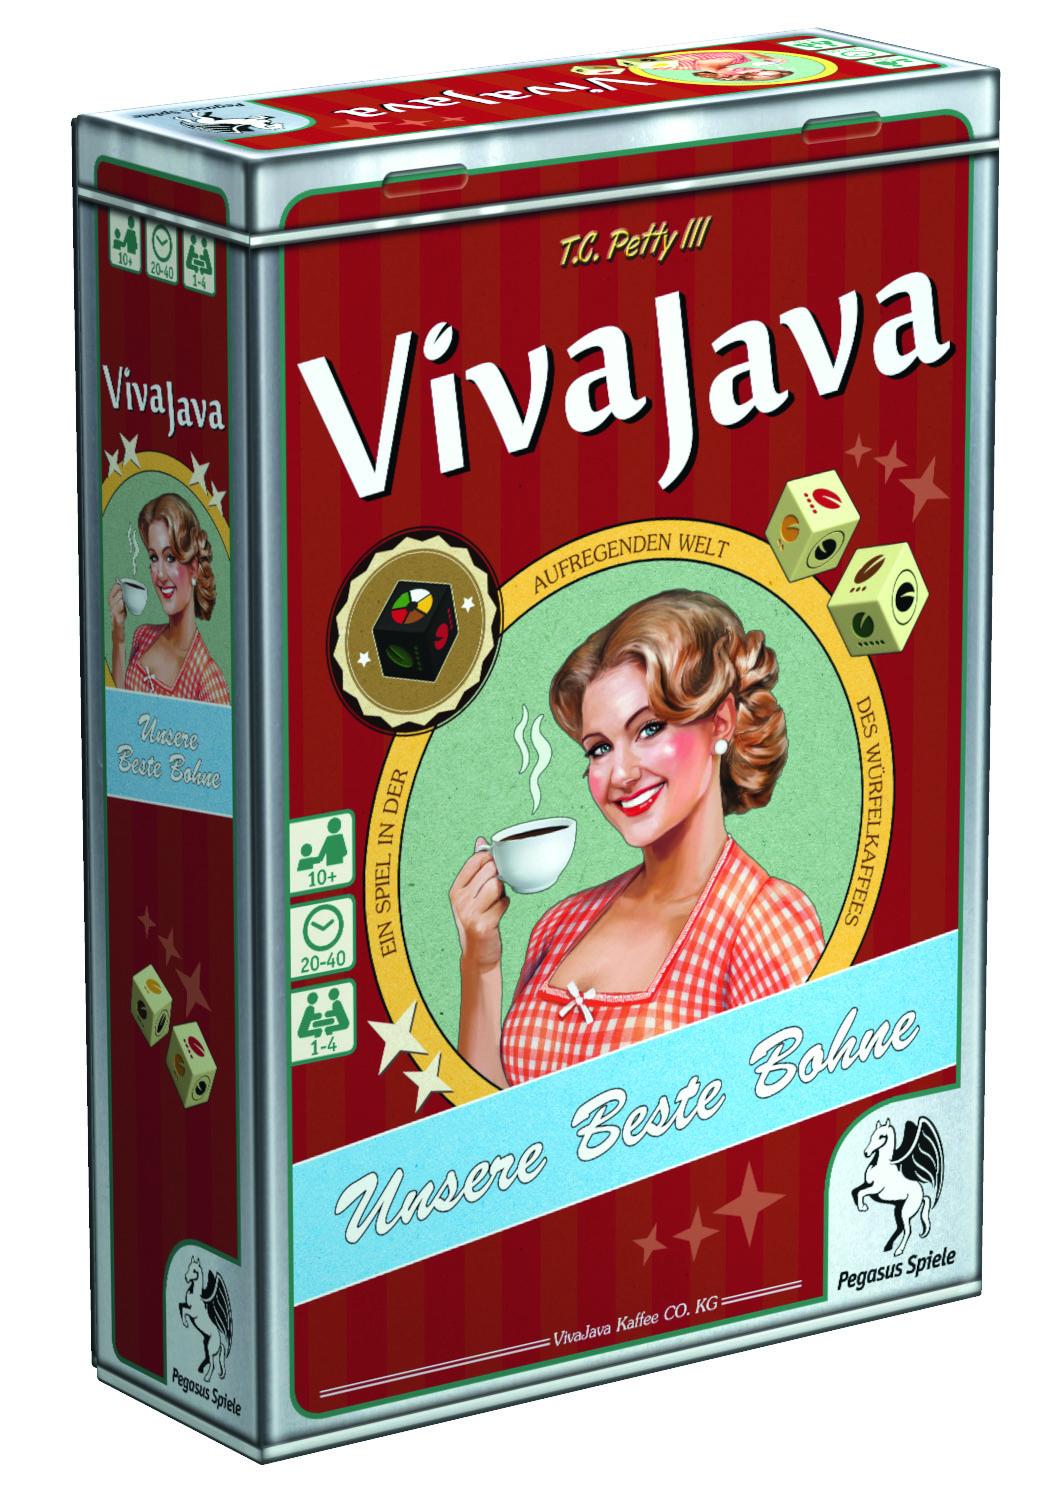 VivaJava